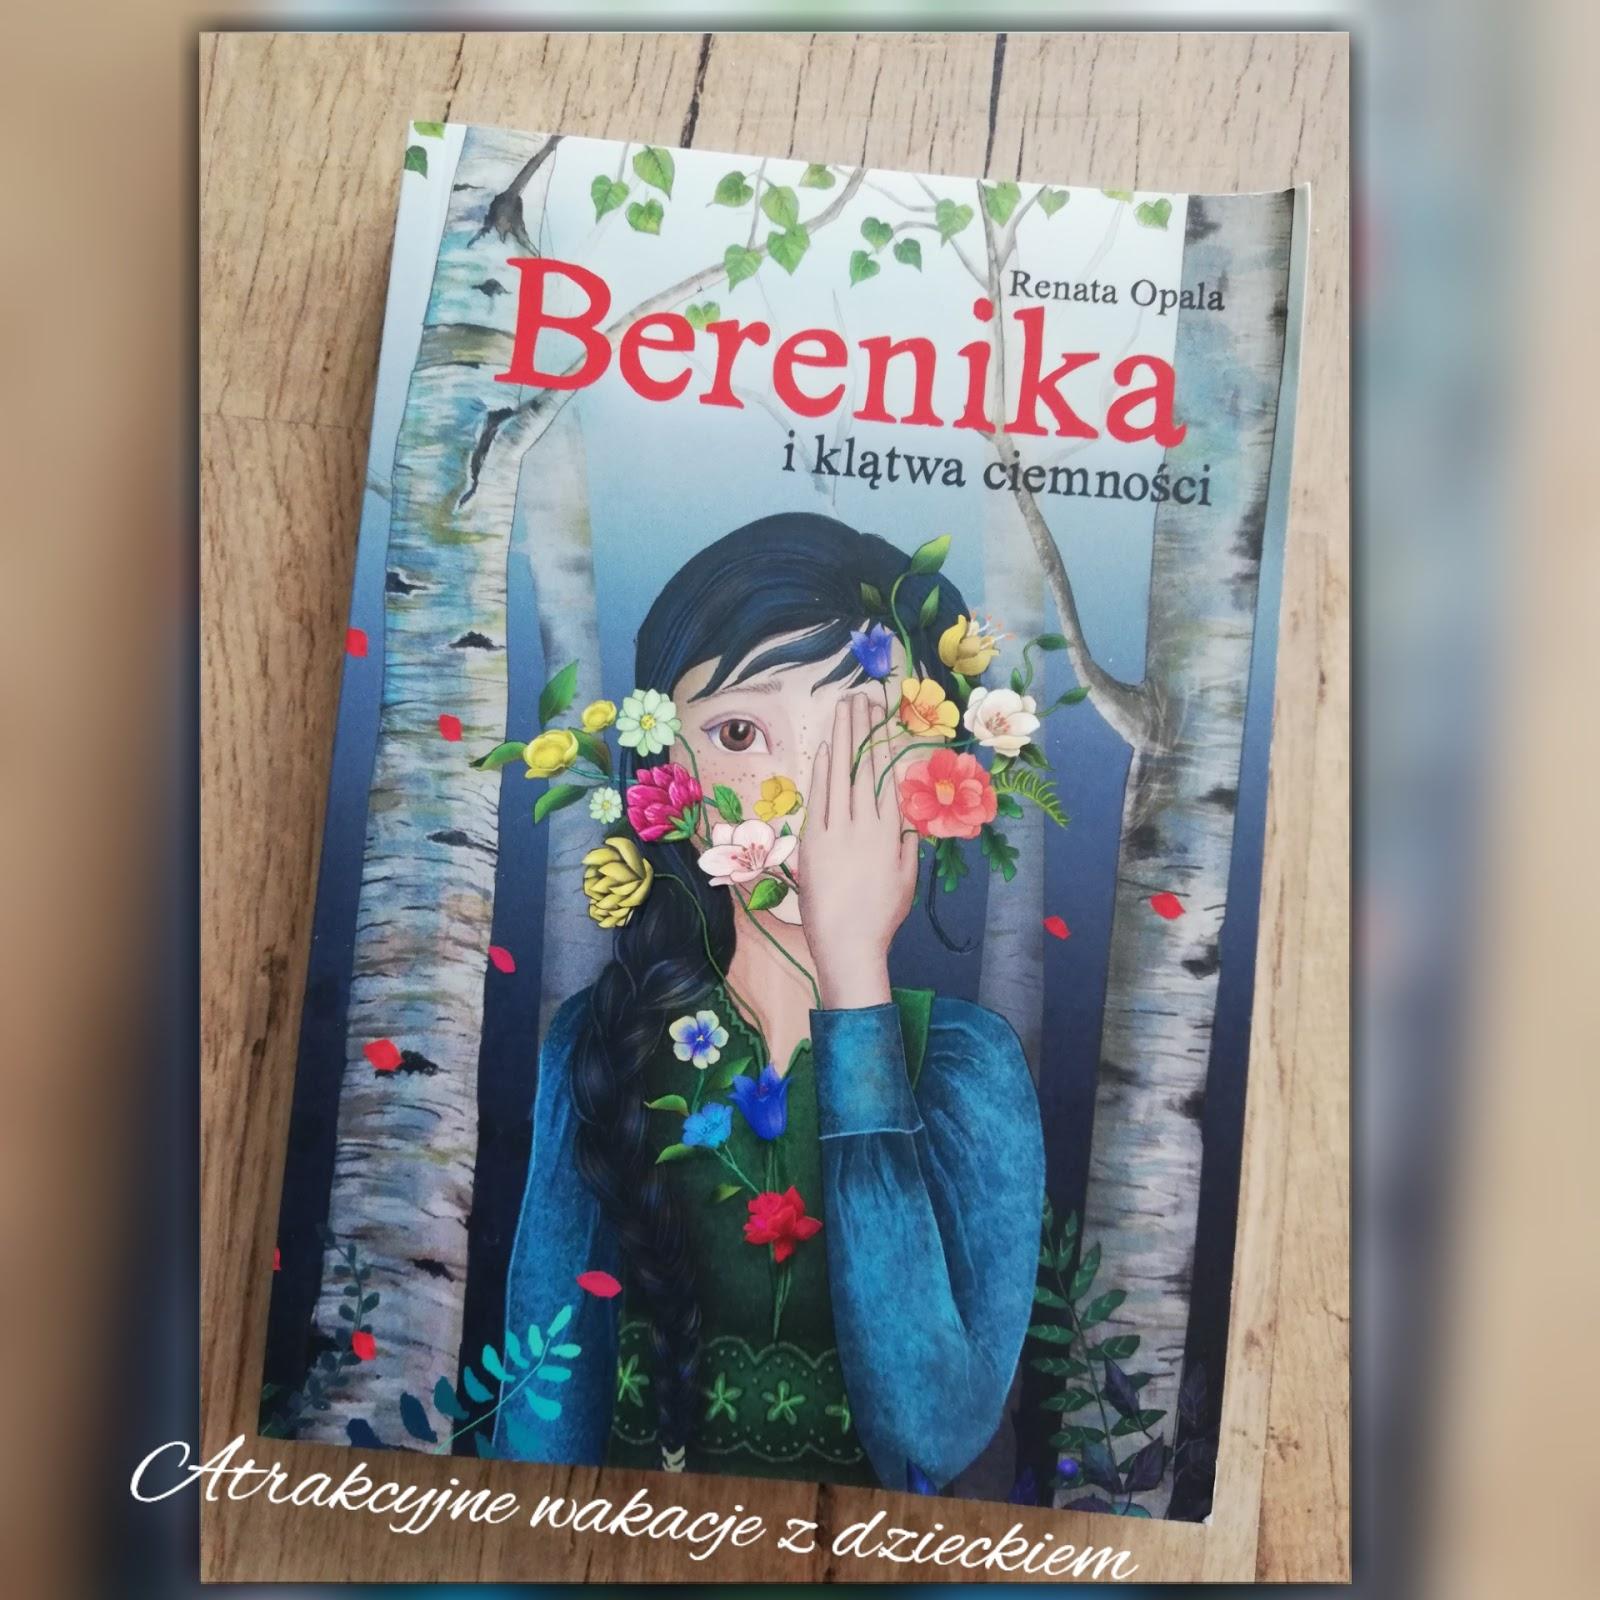 Berenika i klątwa ciemności - Wydawnictwo Skrzat